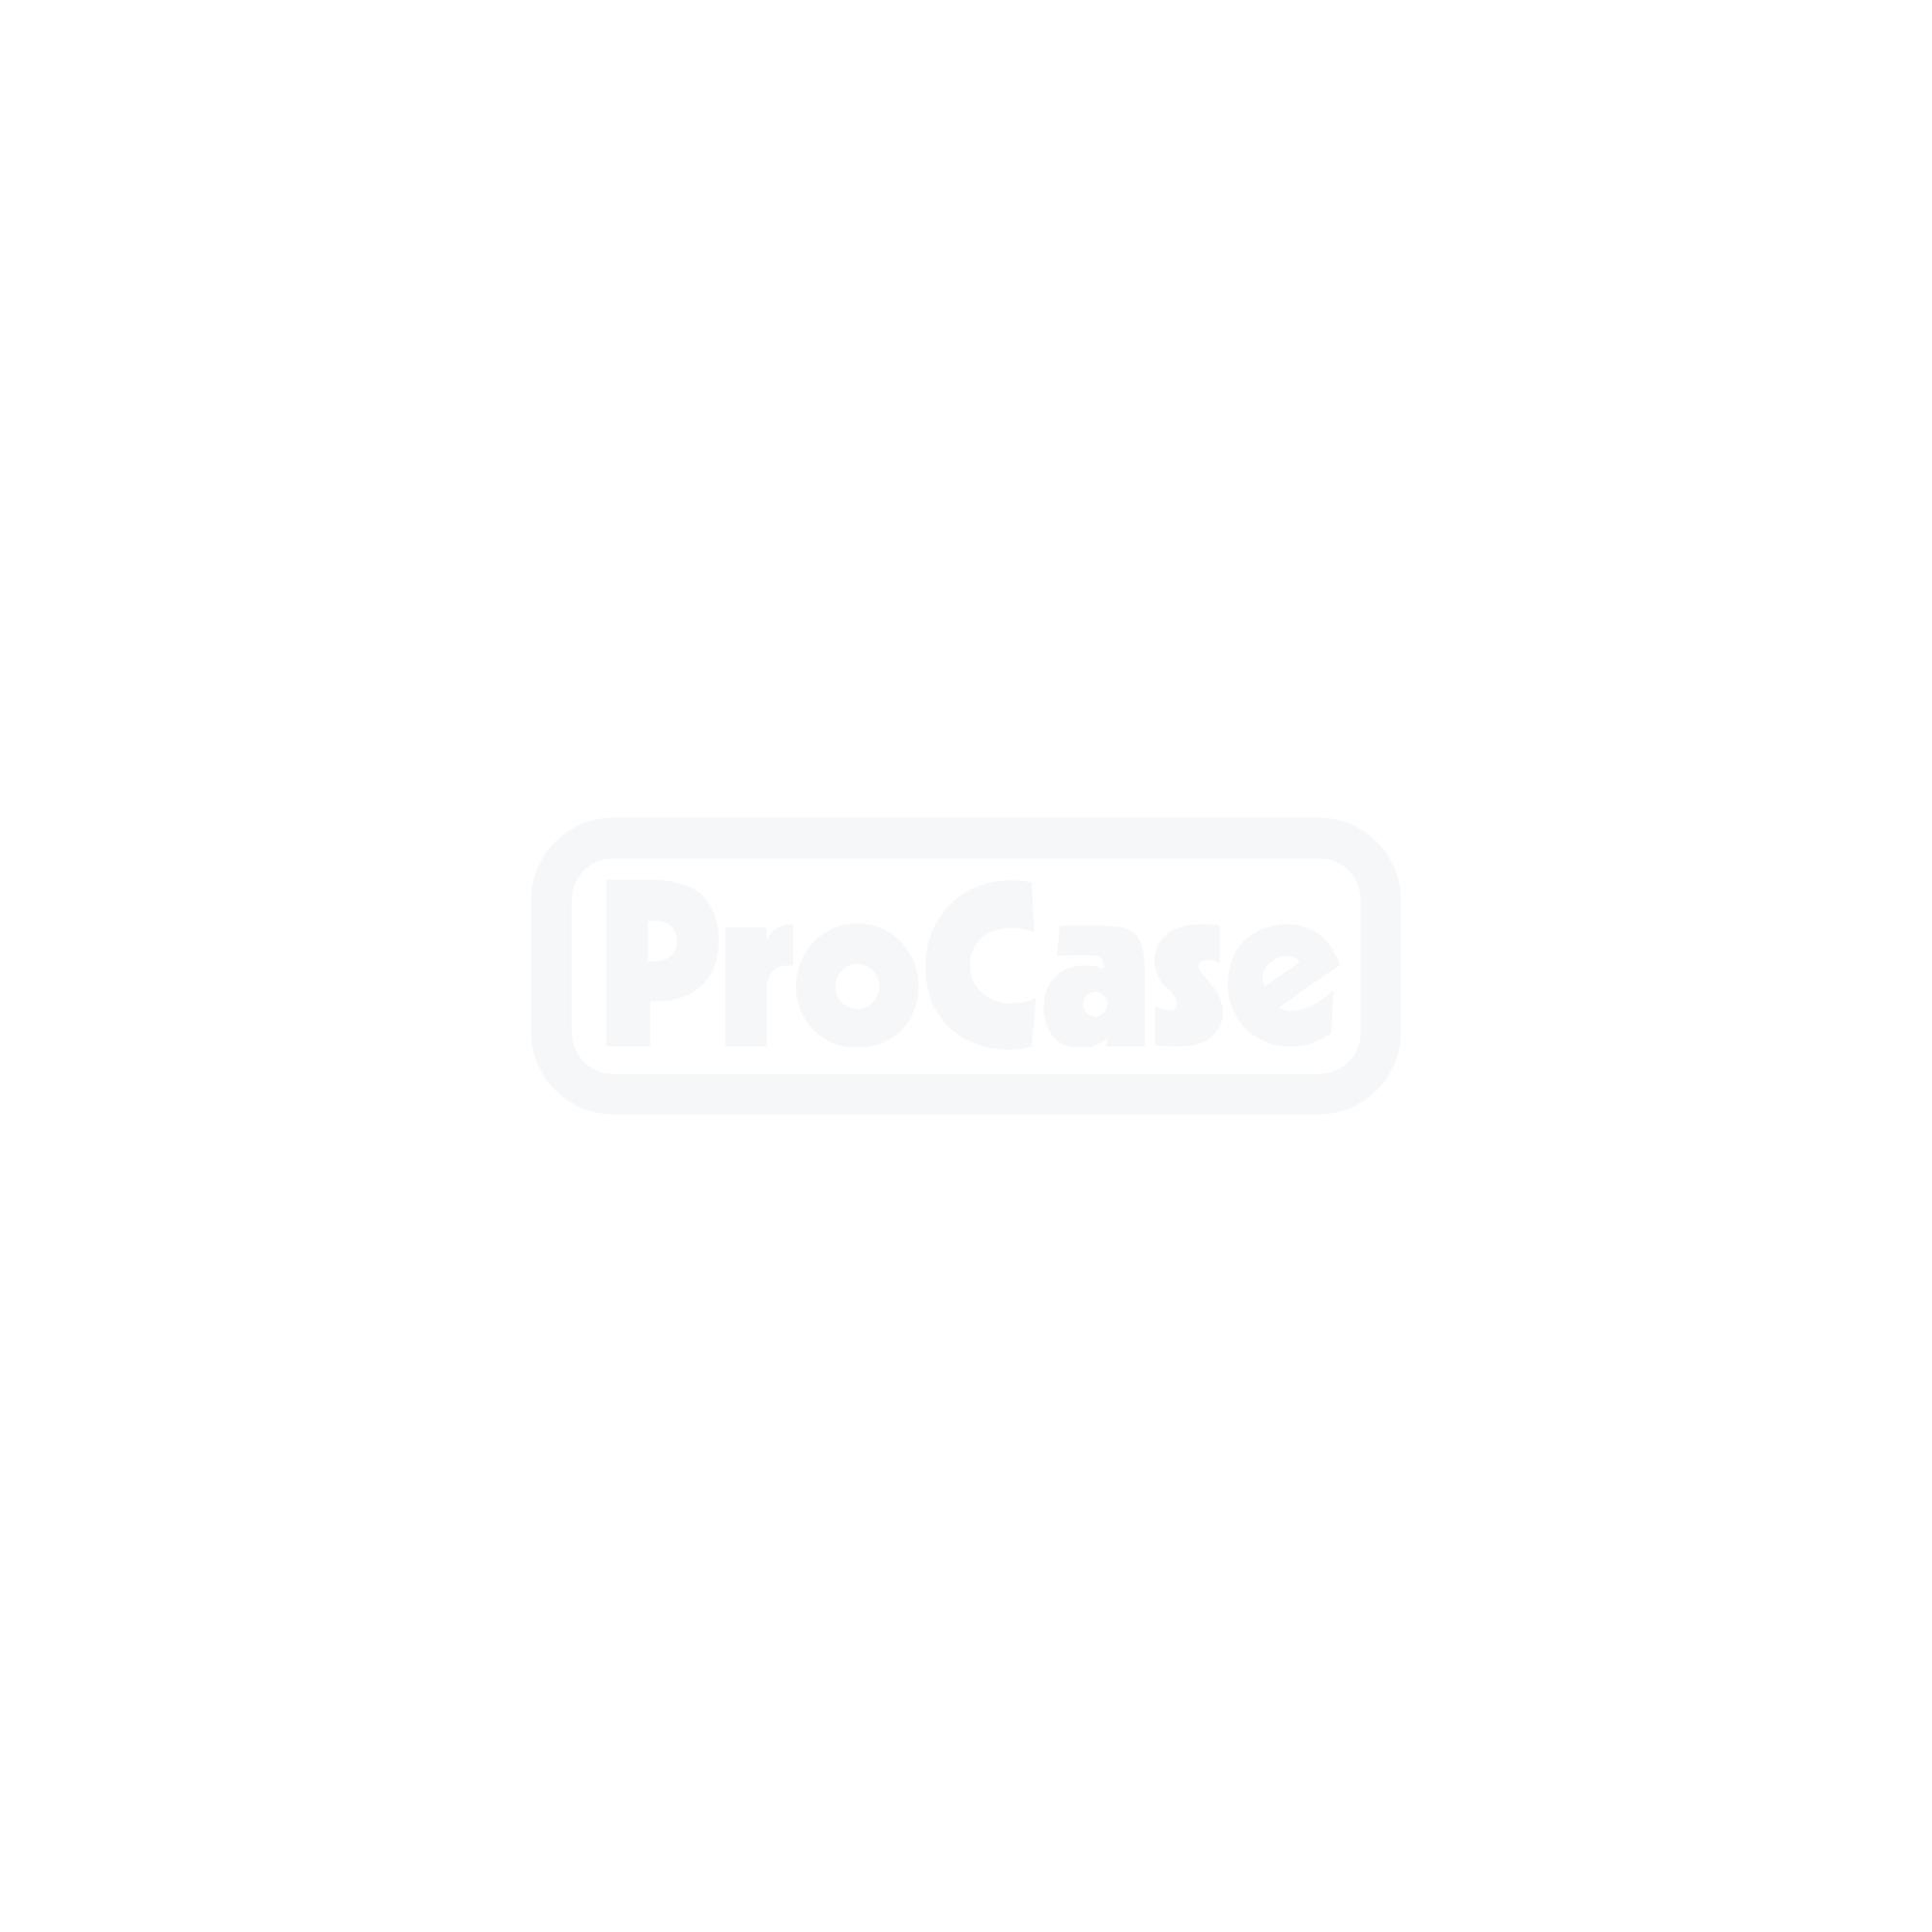 QSD-Rack 14HE 800 mm tief 2